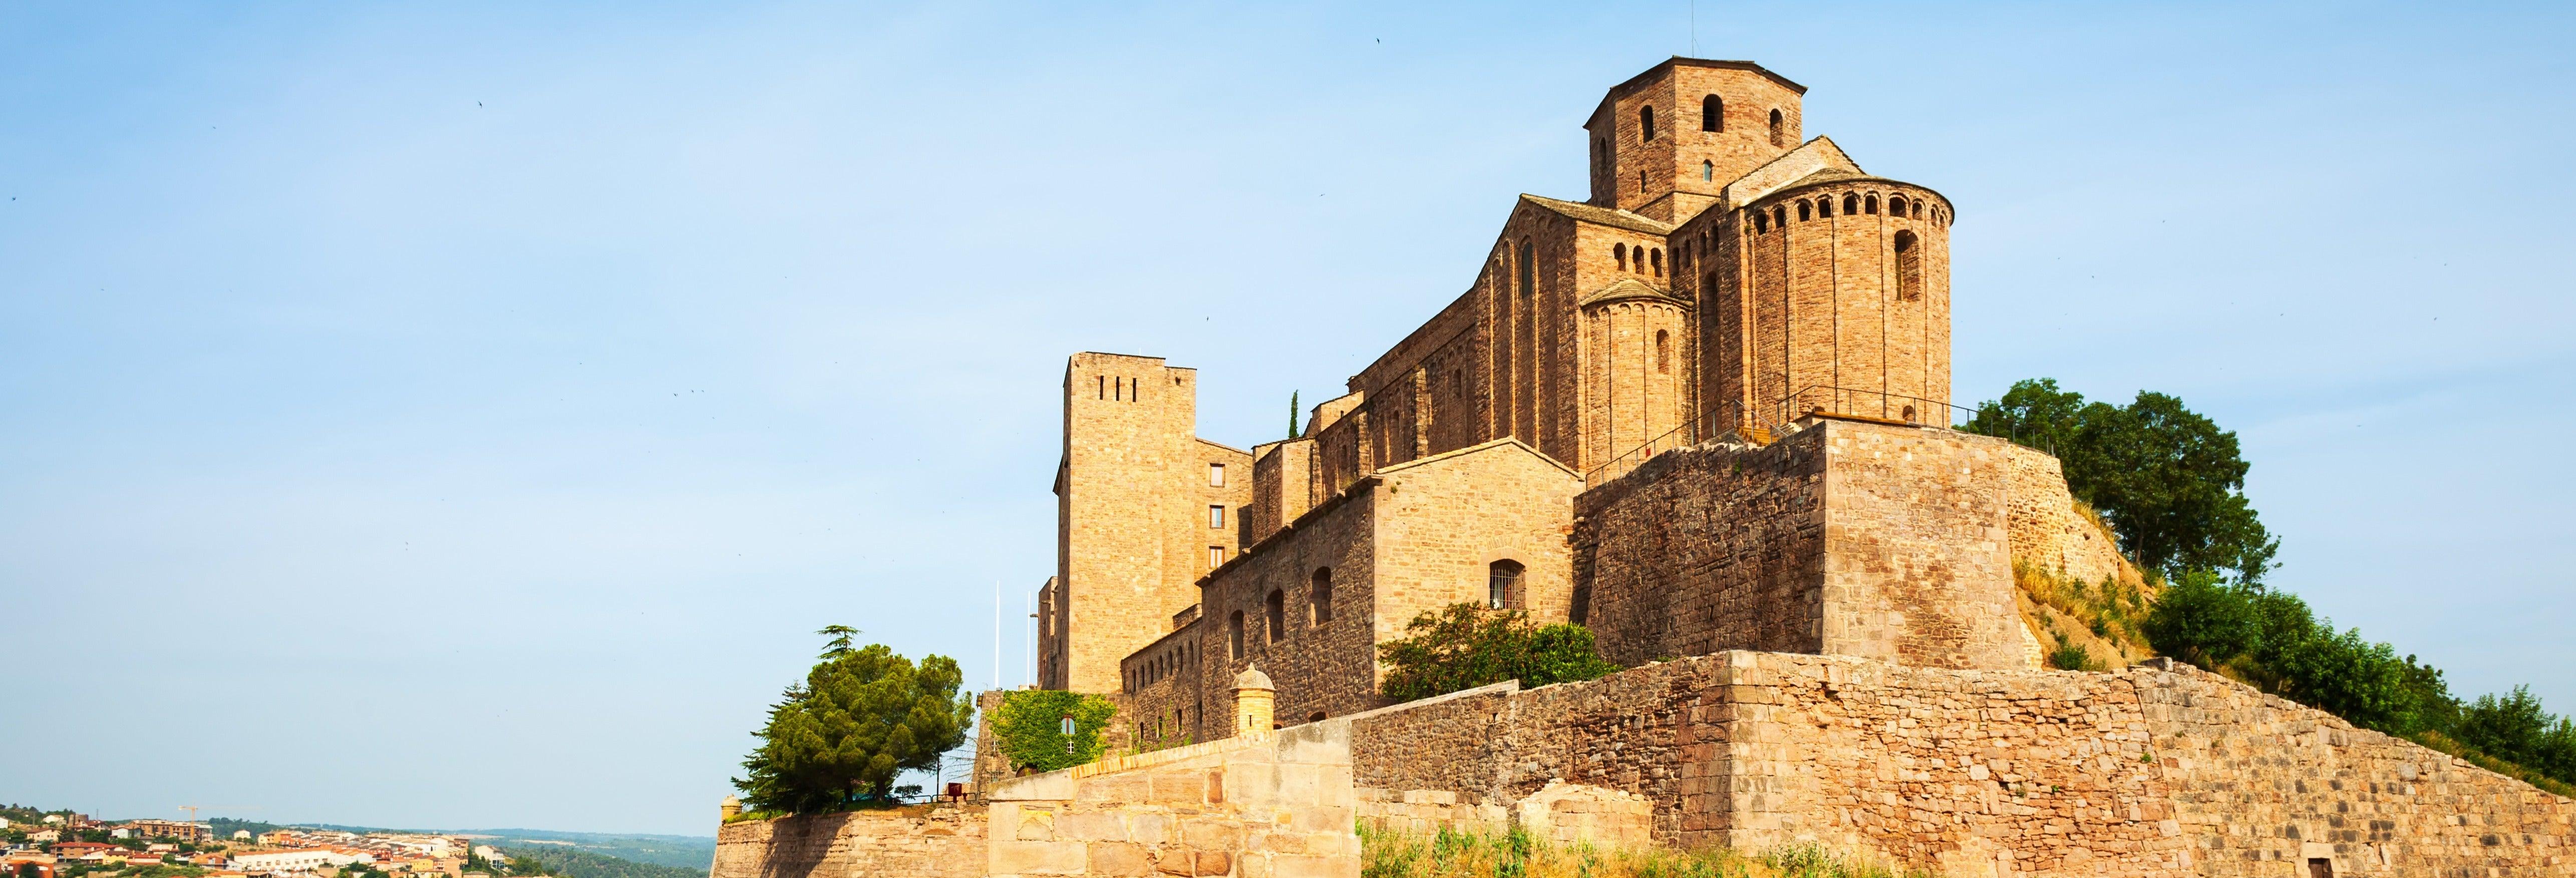 Excursion à Cardona et Montserrat